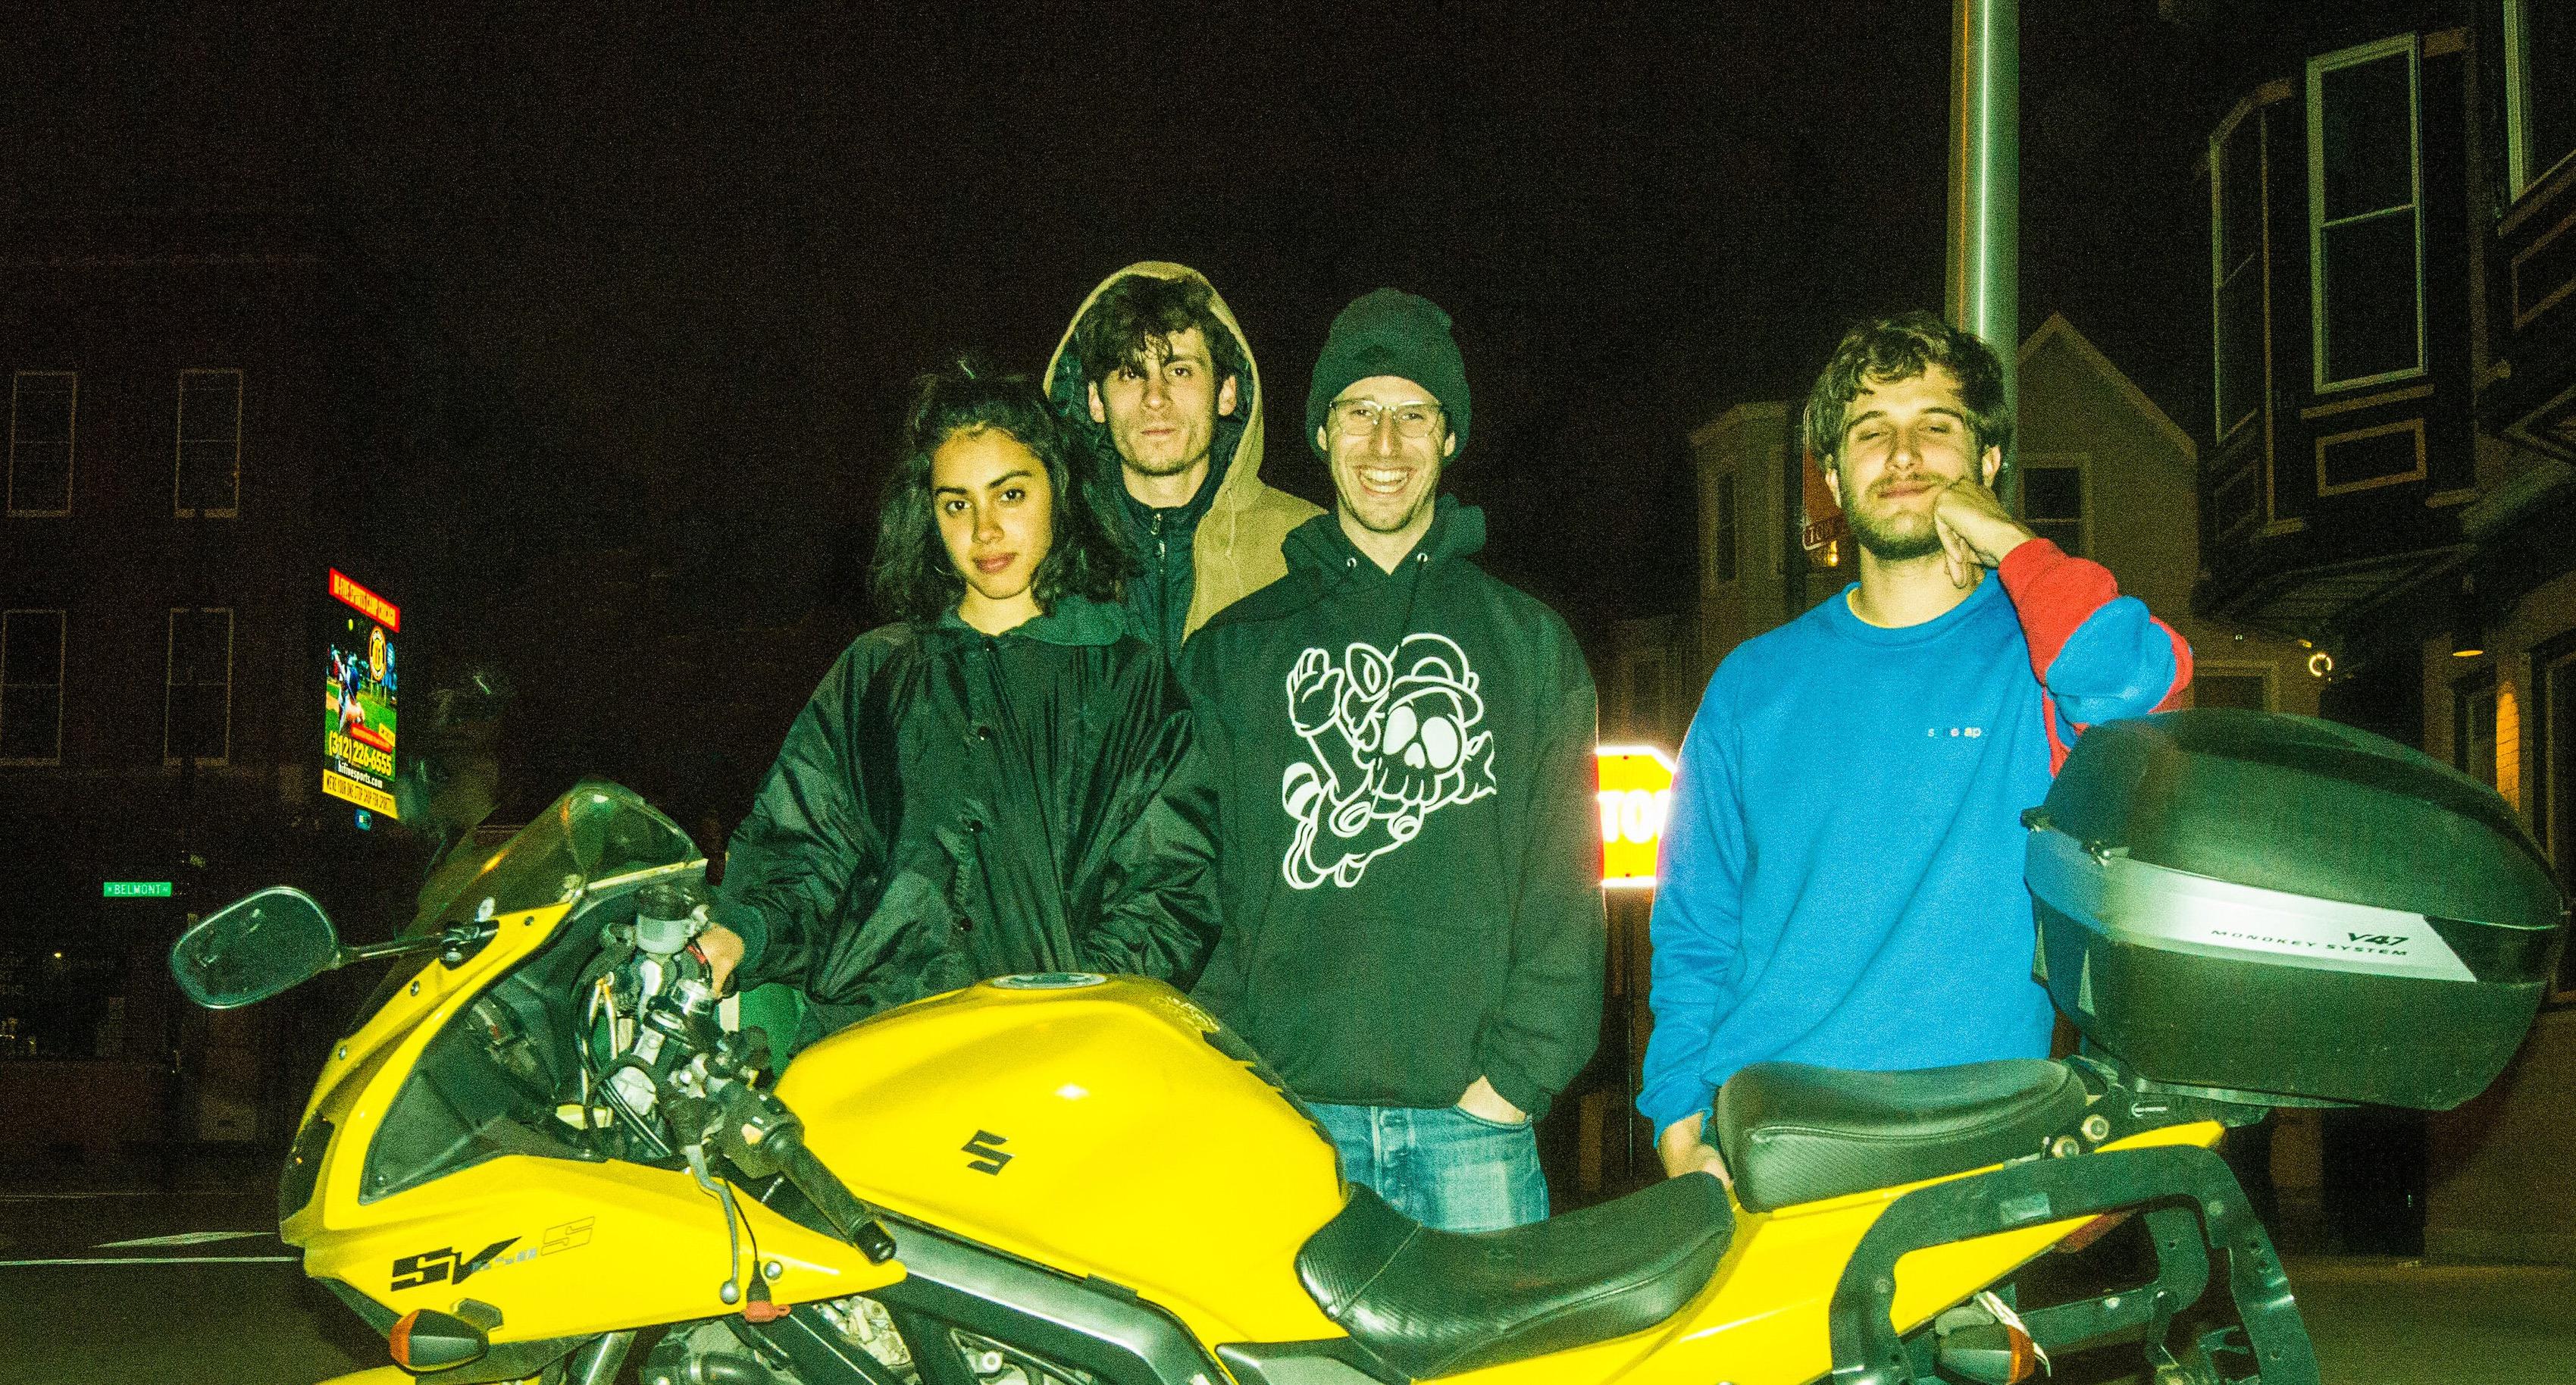 Crumb (band) - Wikipedia